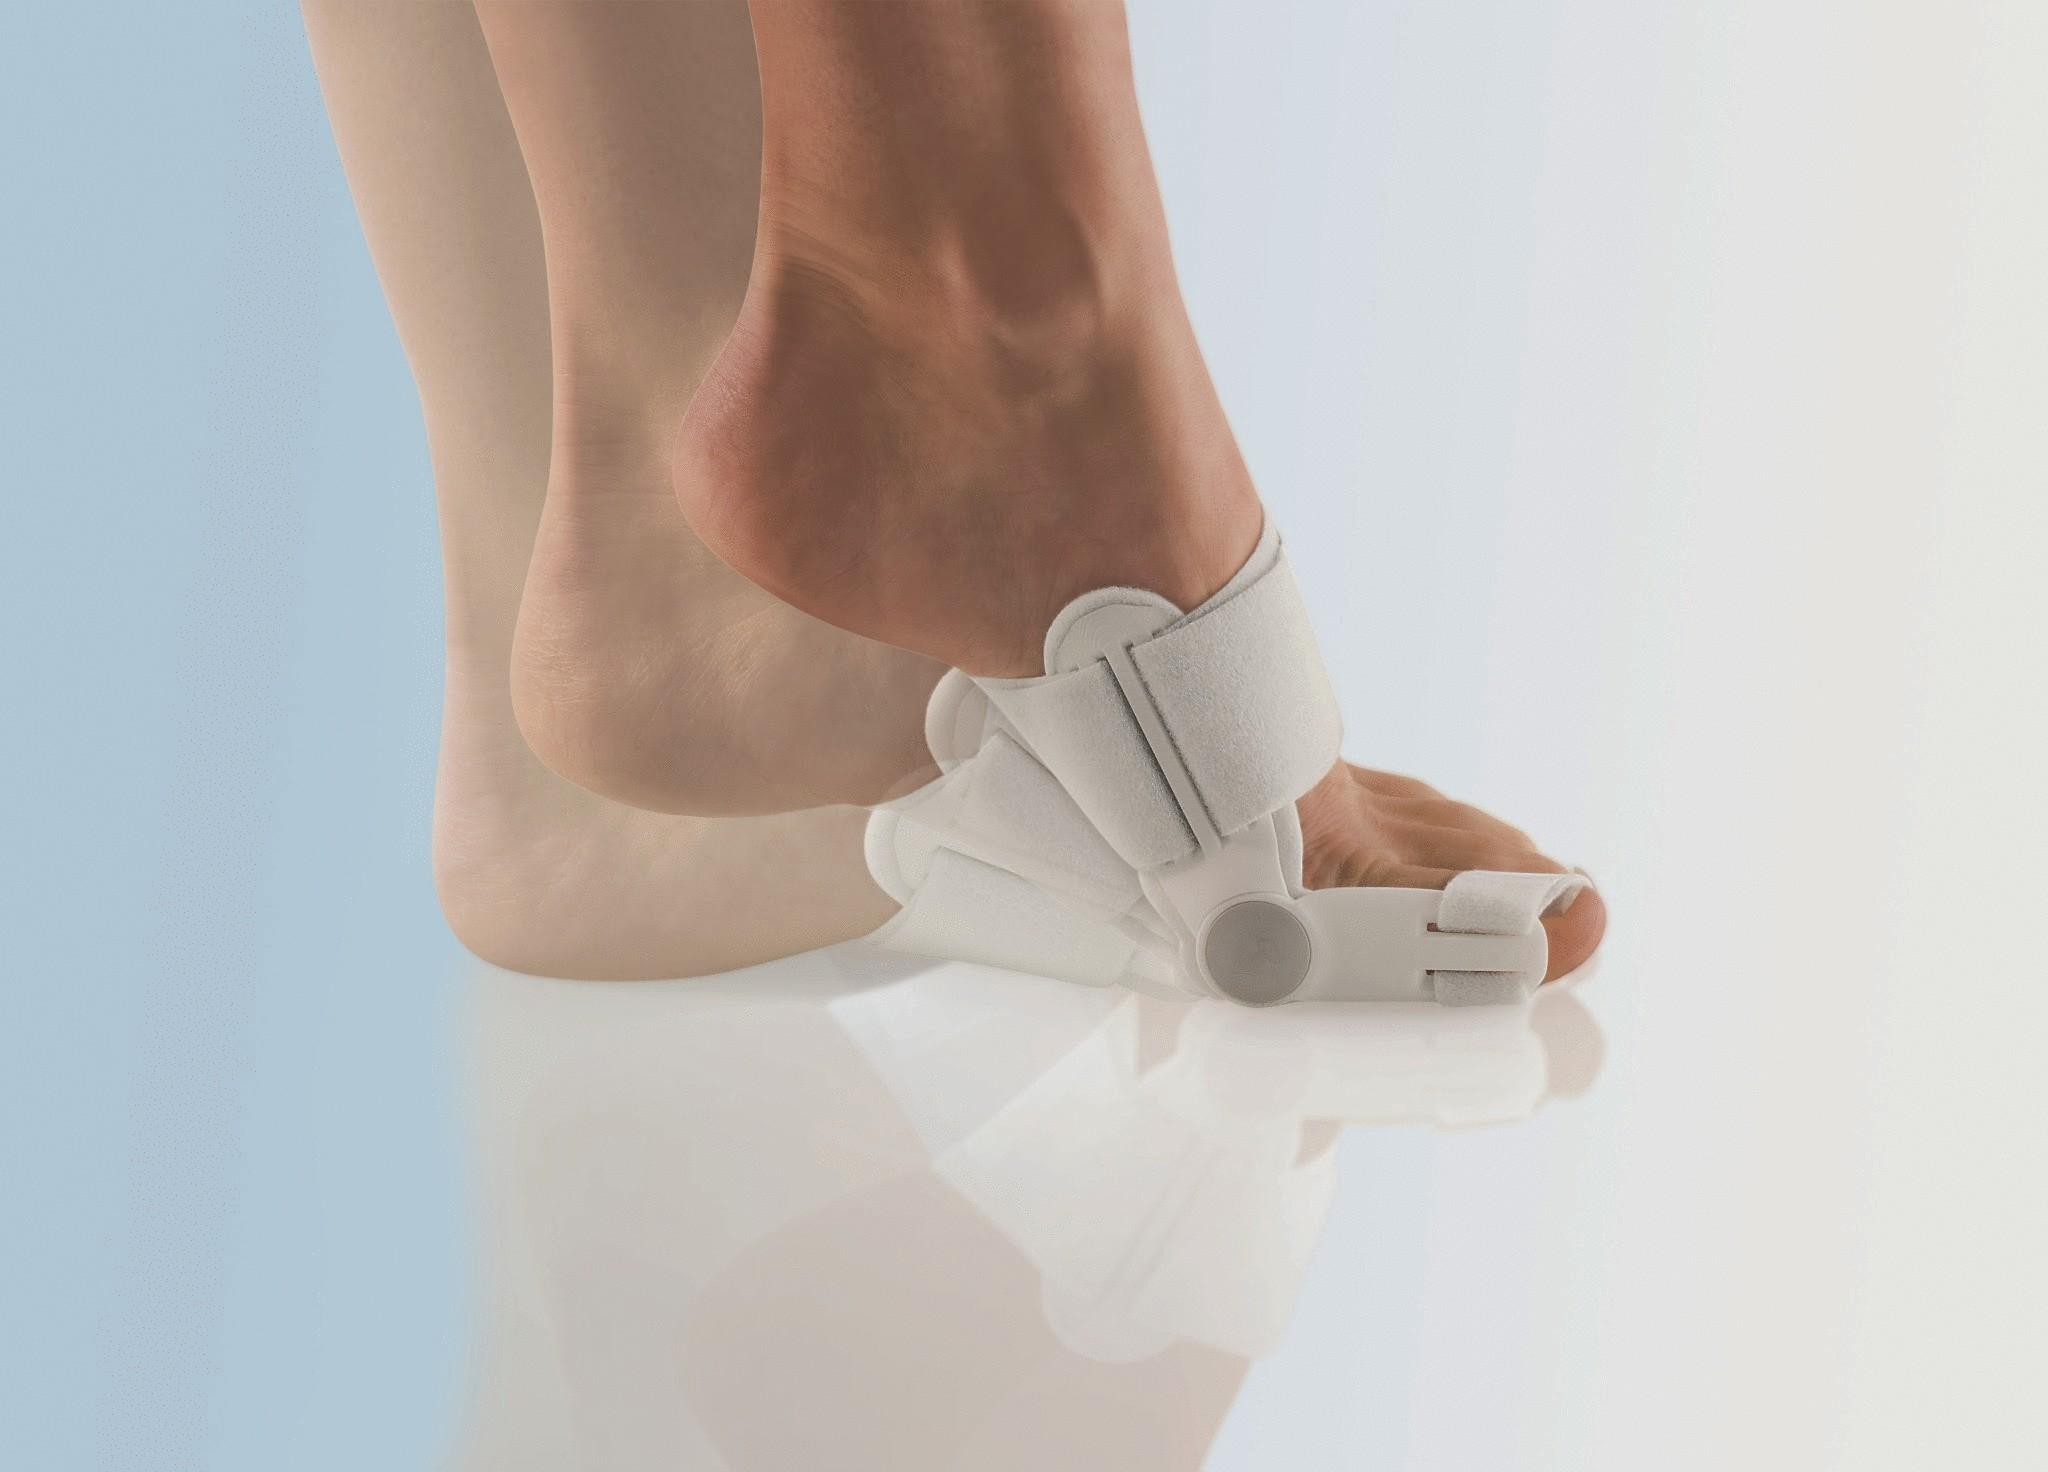 Как избавиться от косточки у большого пальца на ногах